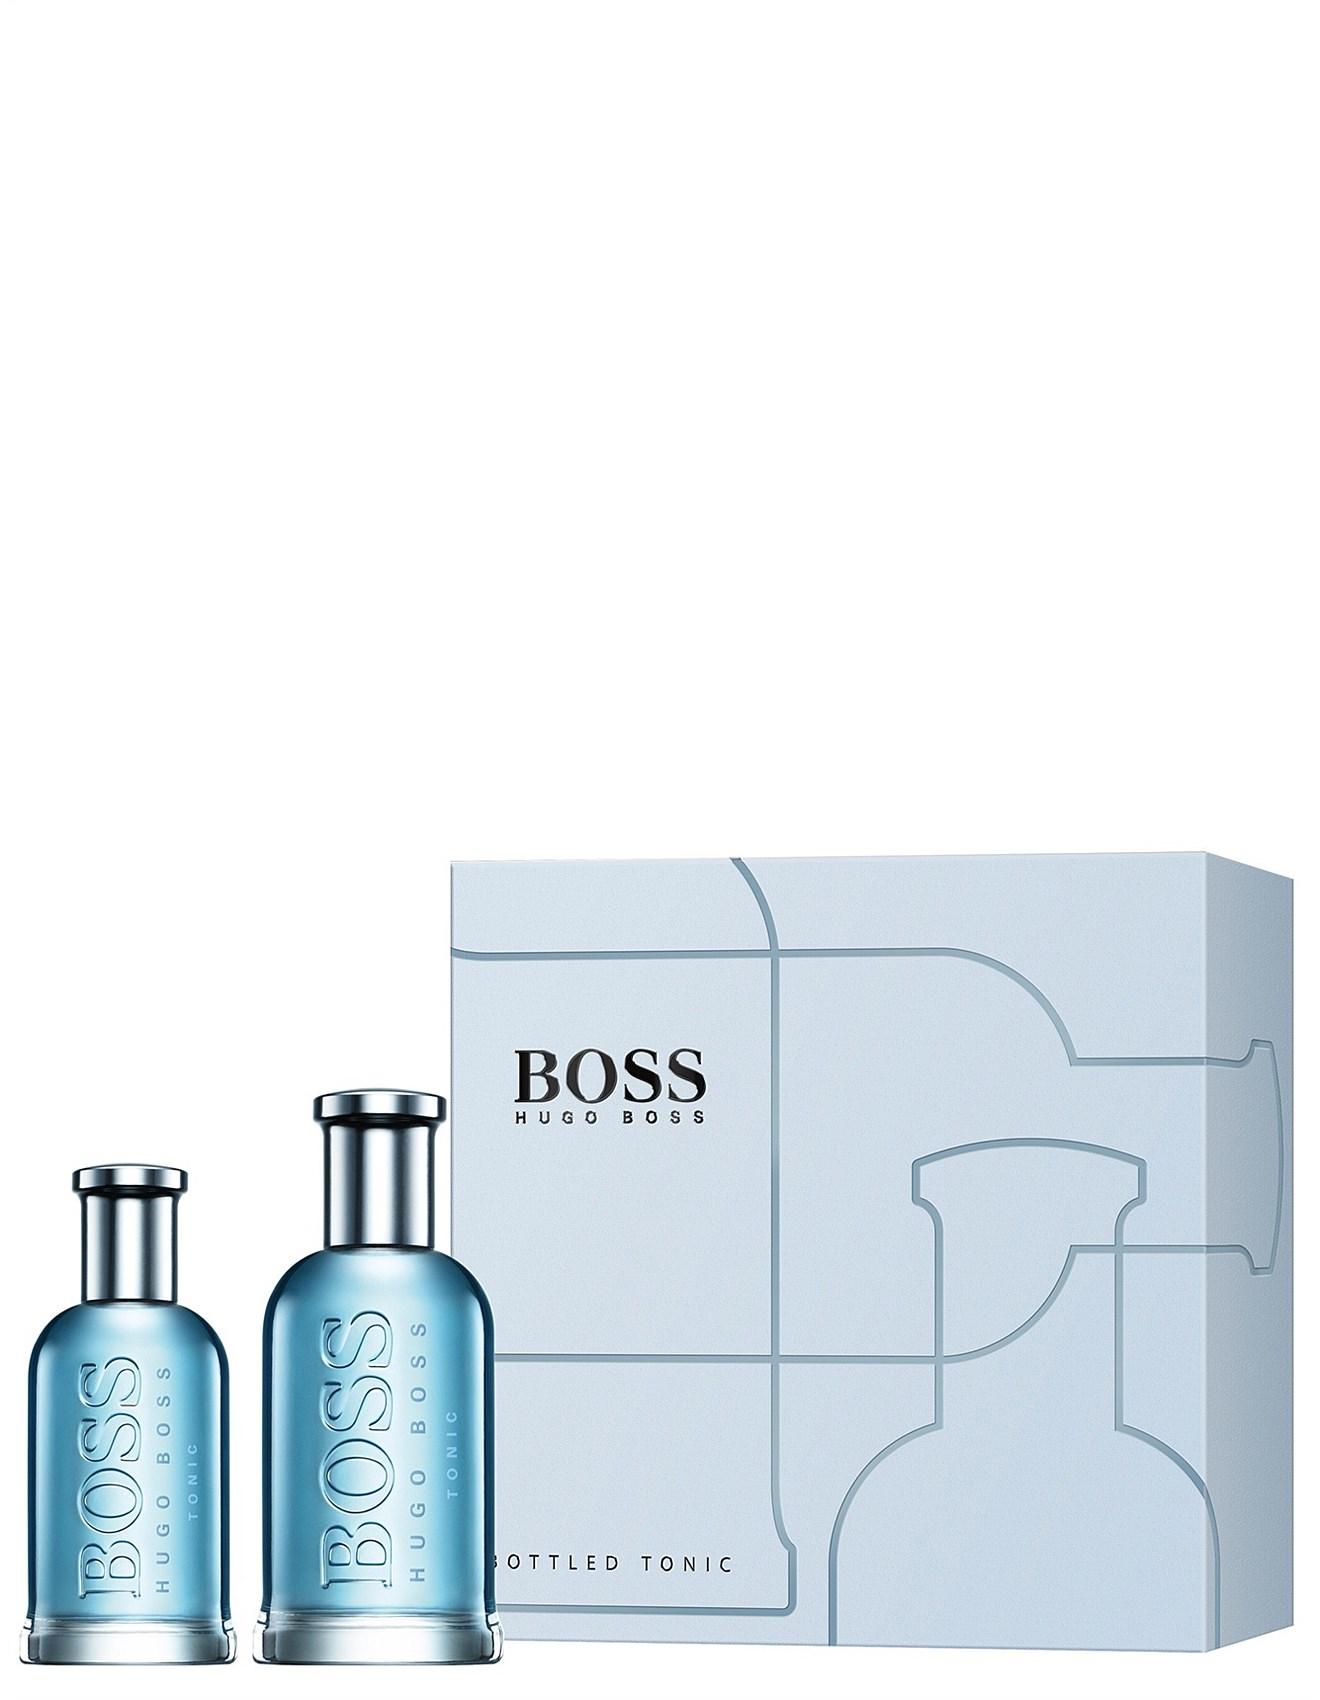 boss bottled tonic set